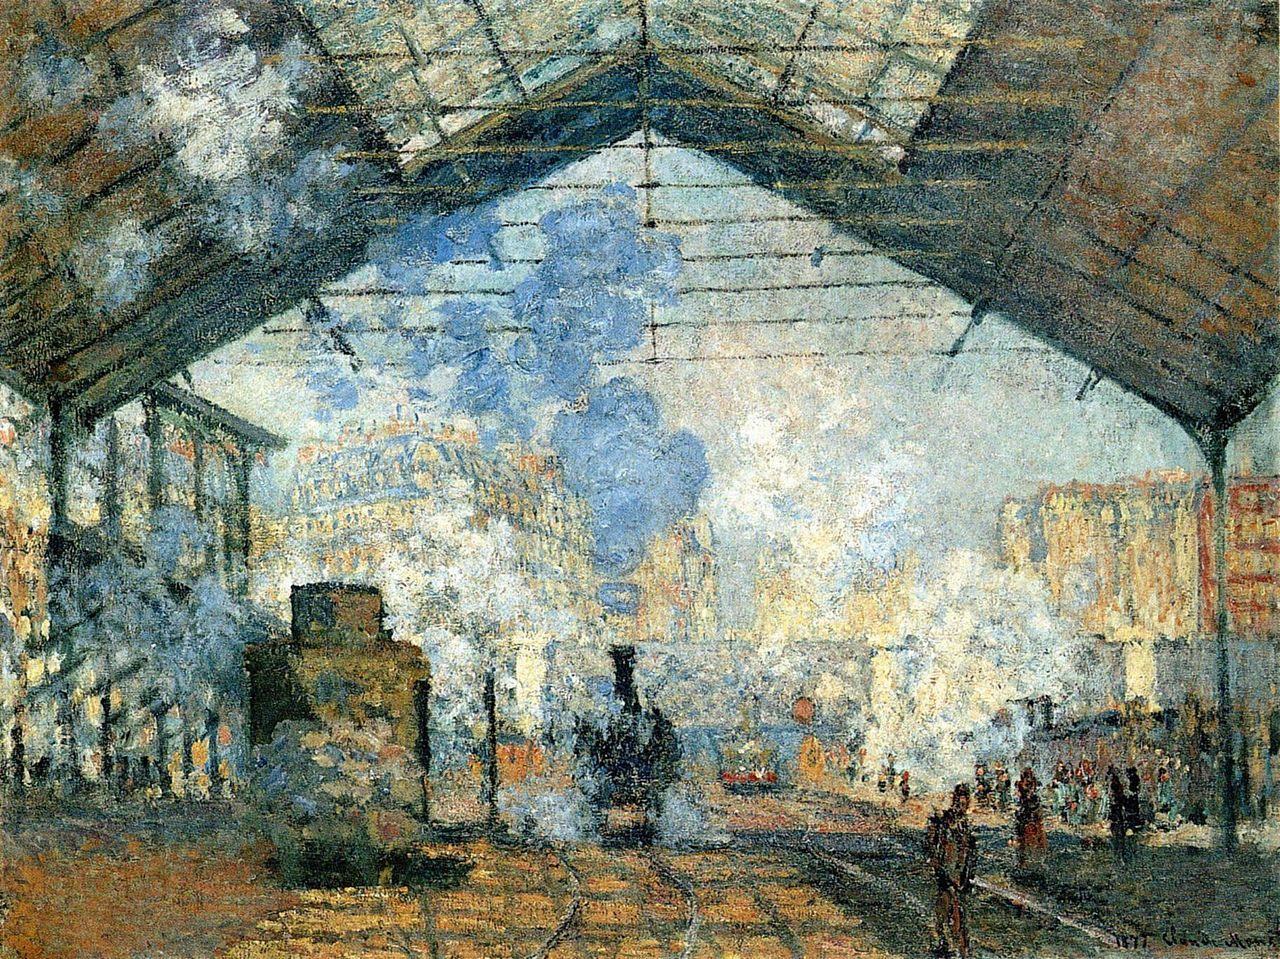 Claude Monet - La Gare Saint-Lazare - Blog Guillaume Loubet - KAZoART